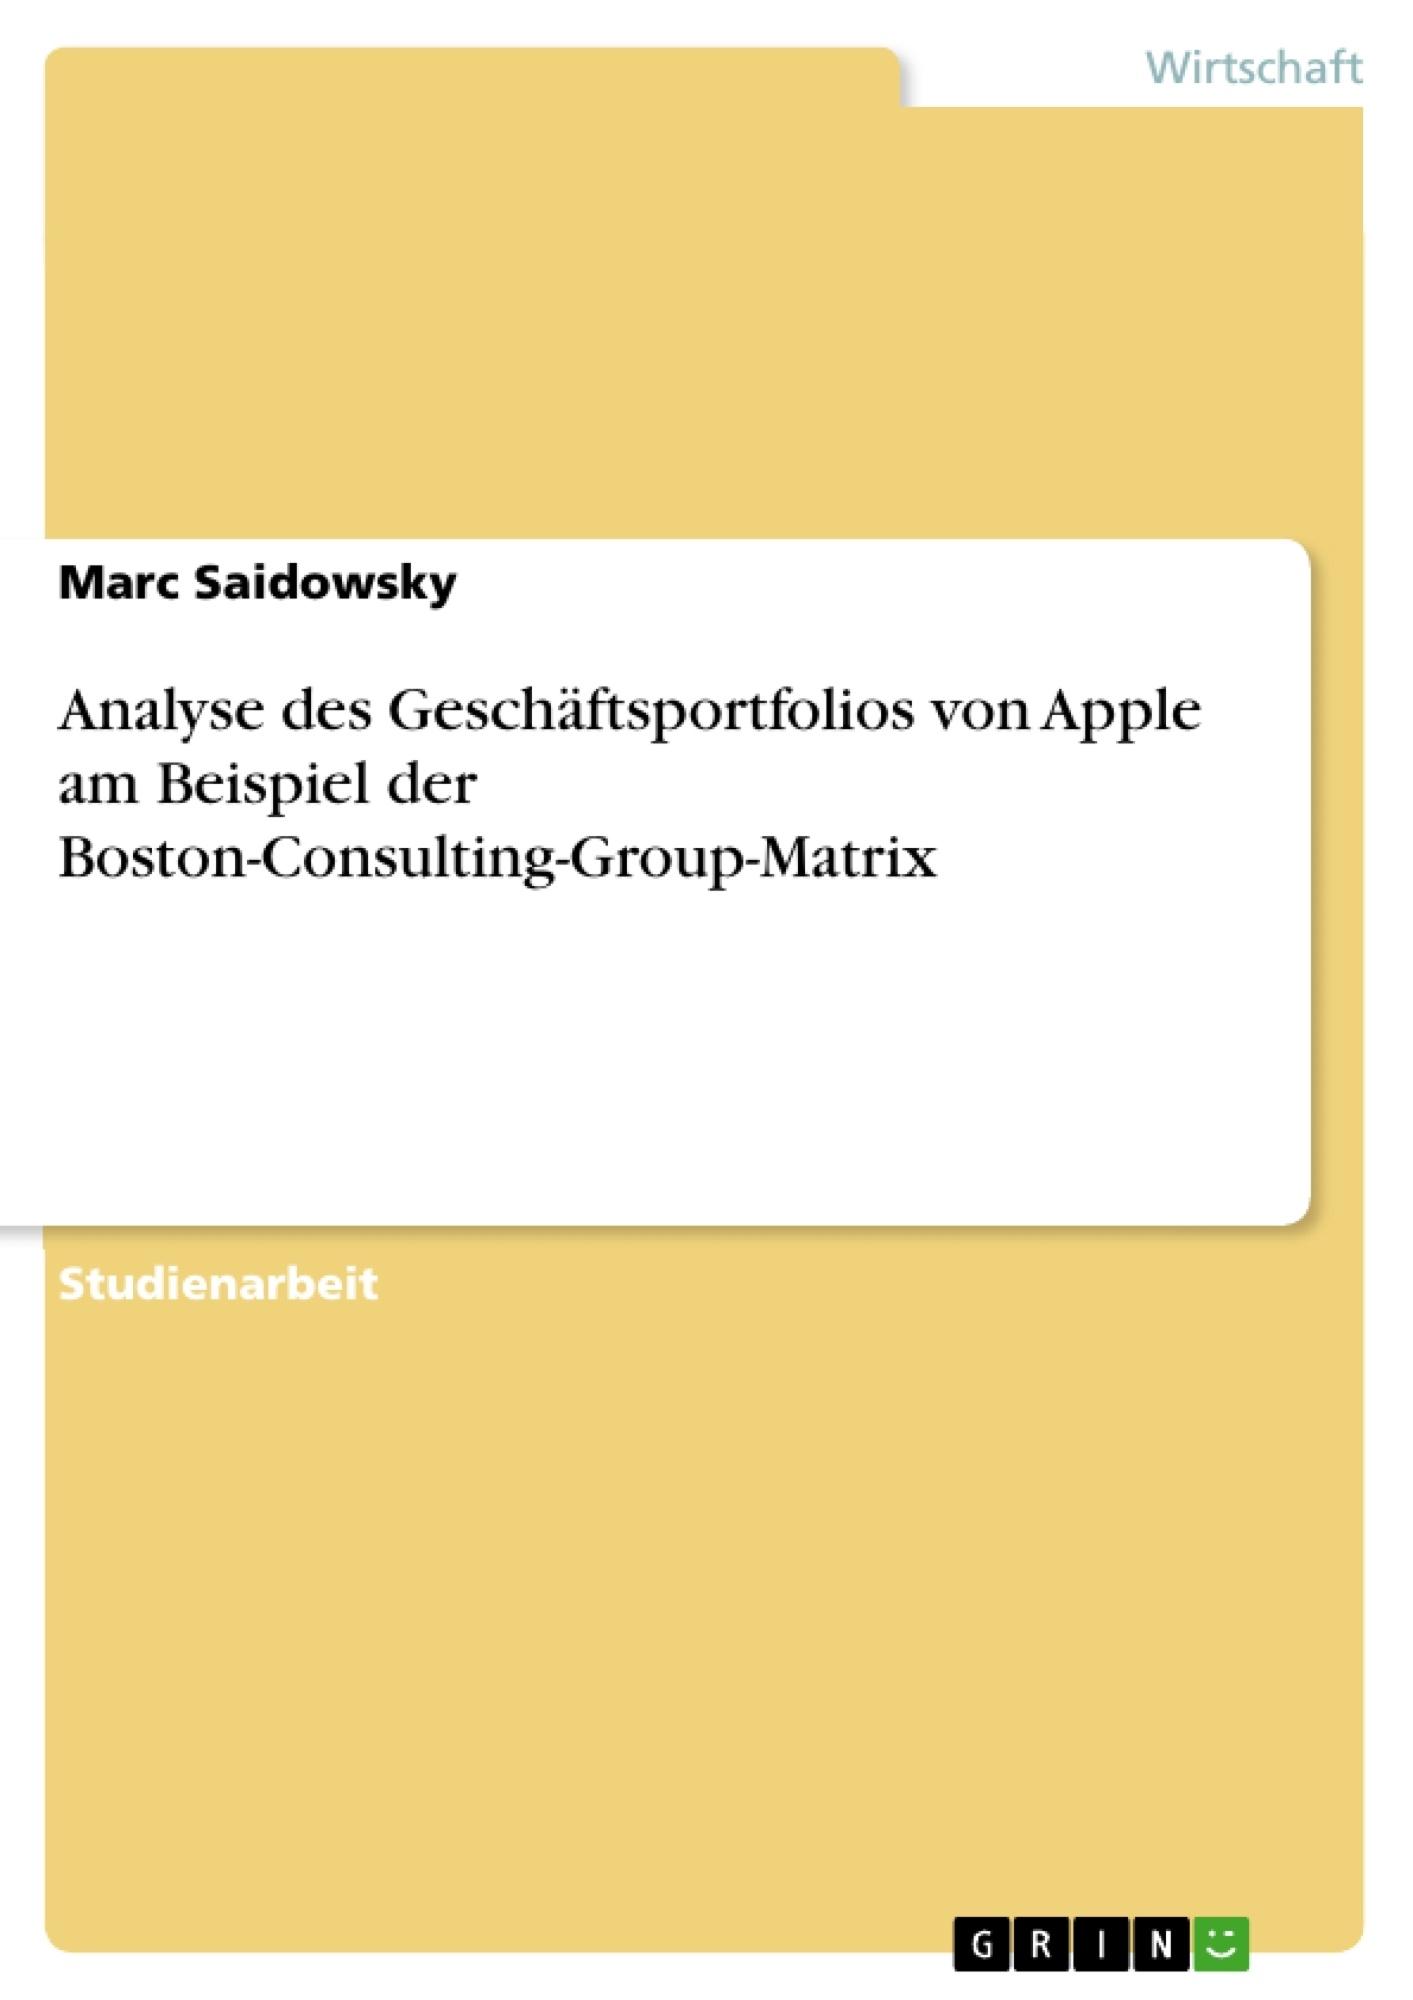 Titel: Analyse des Geschäftsportfolios von Apple am Beispiel der Boston-Consulting-Group-Matrix